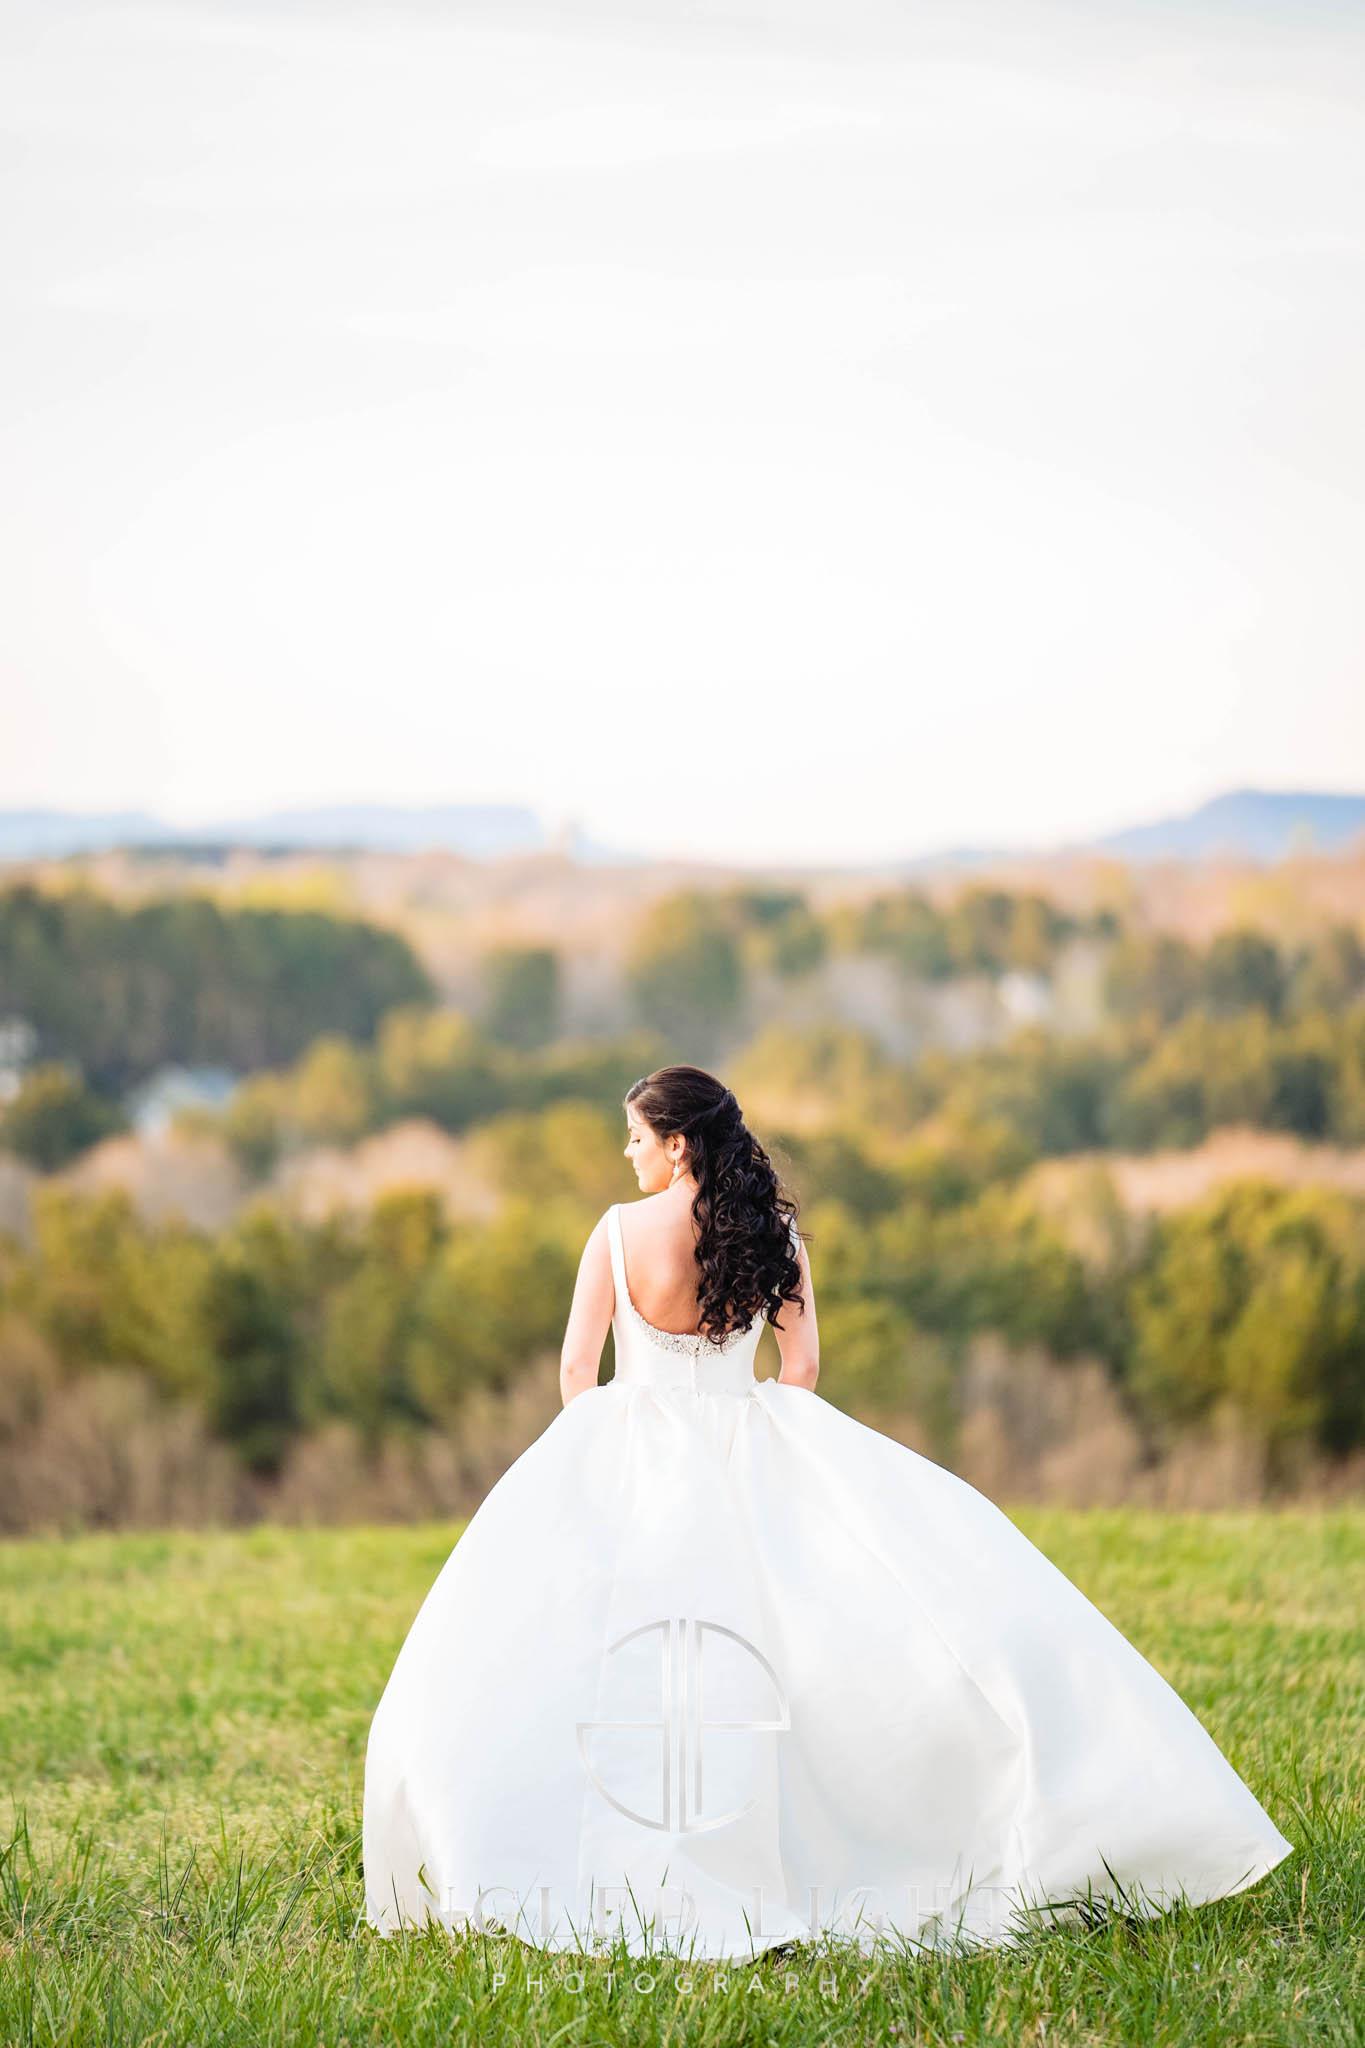 Bridal Portrait in Field Greenville SC